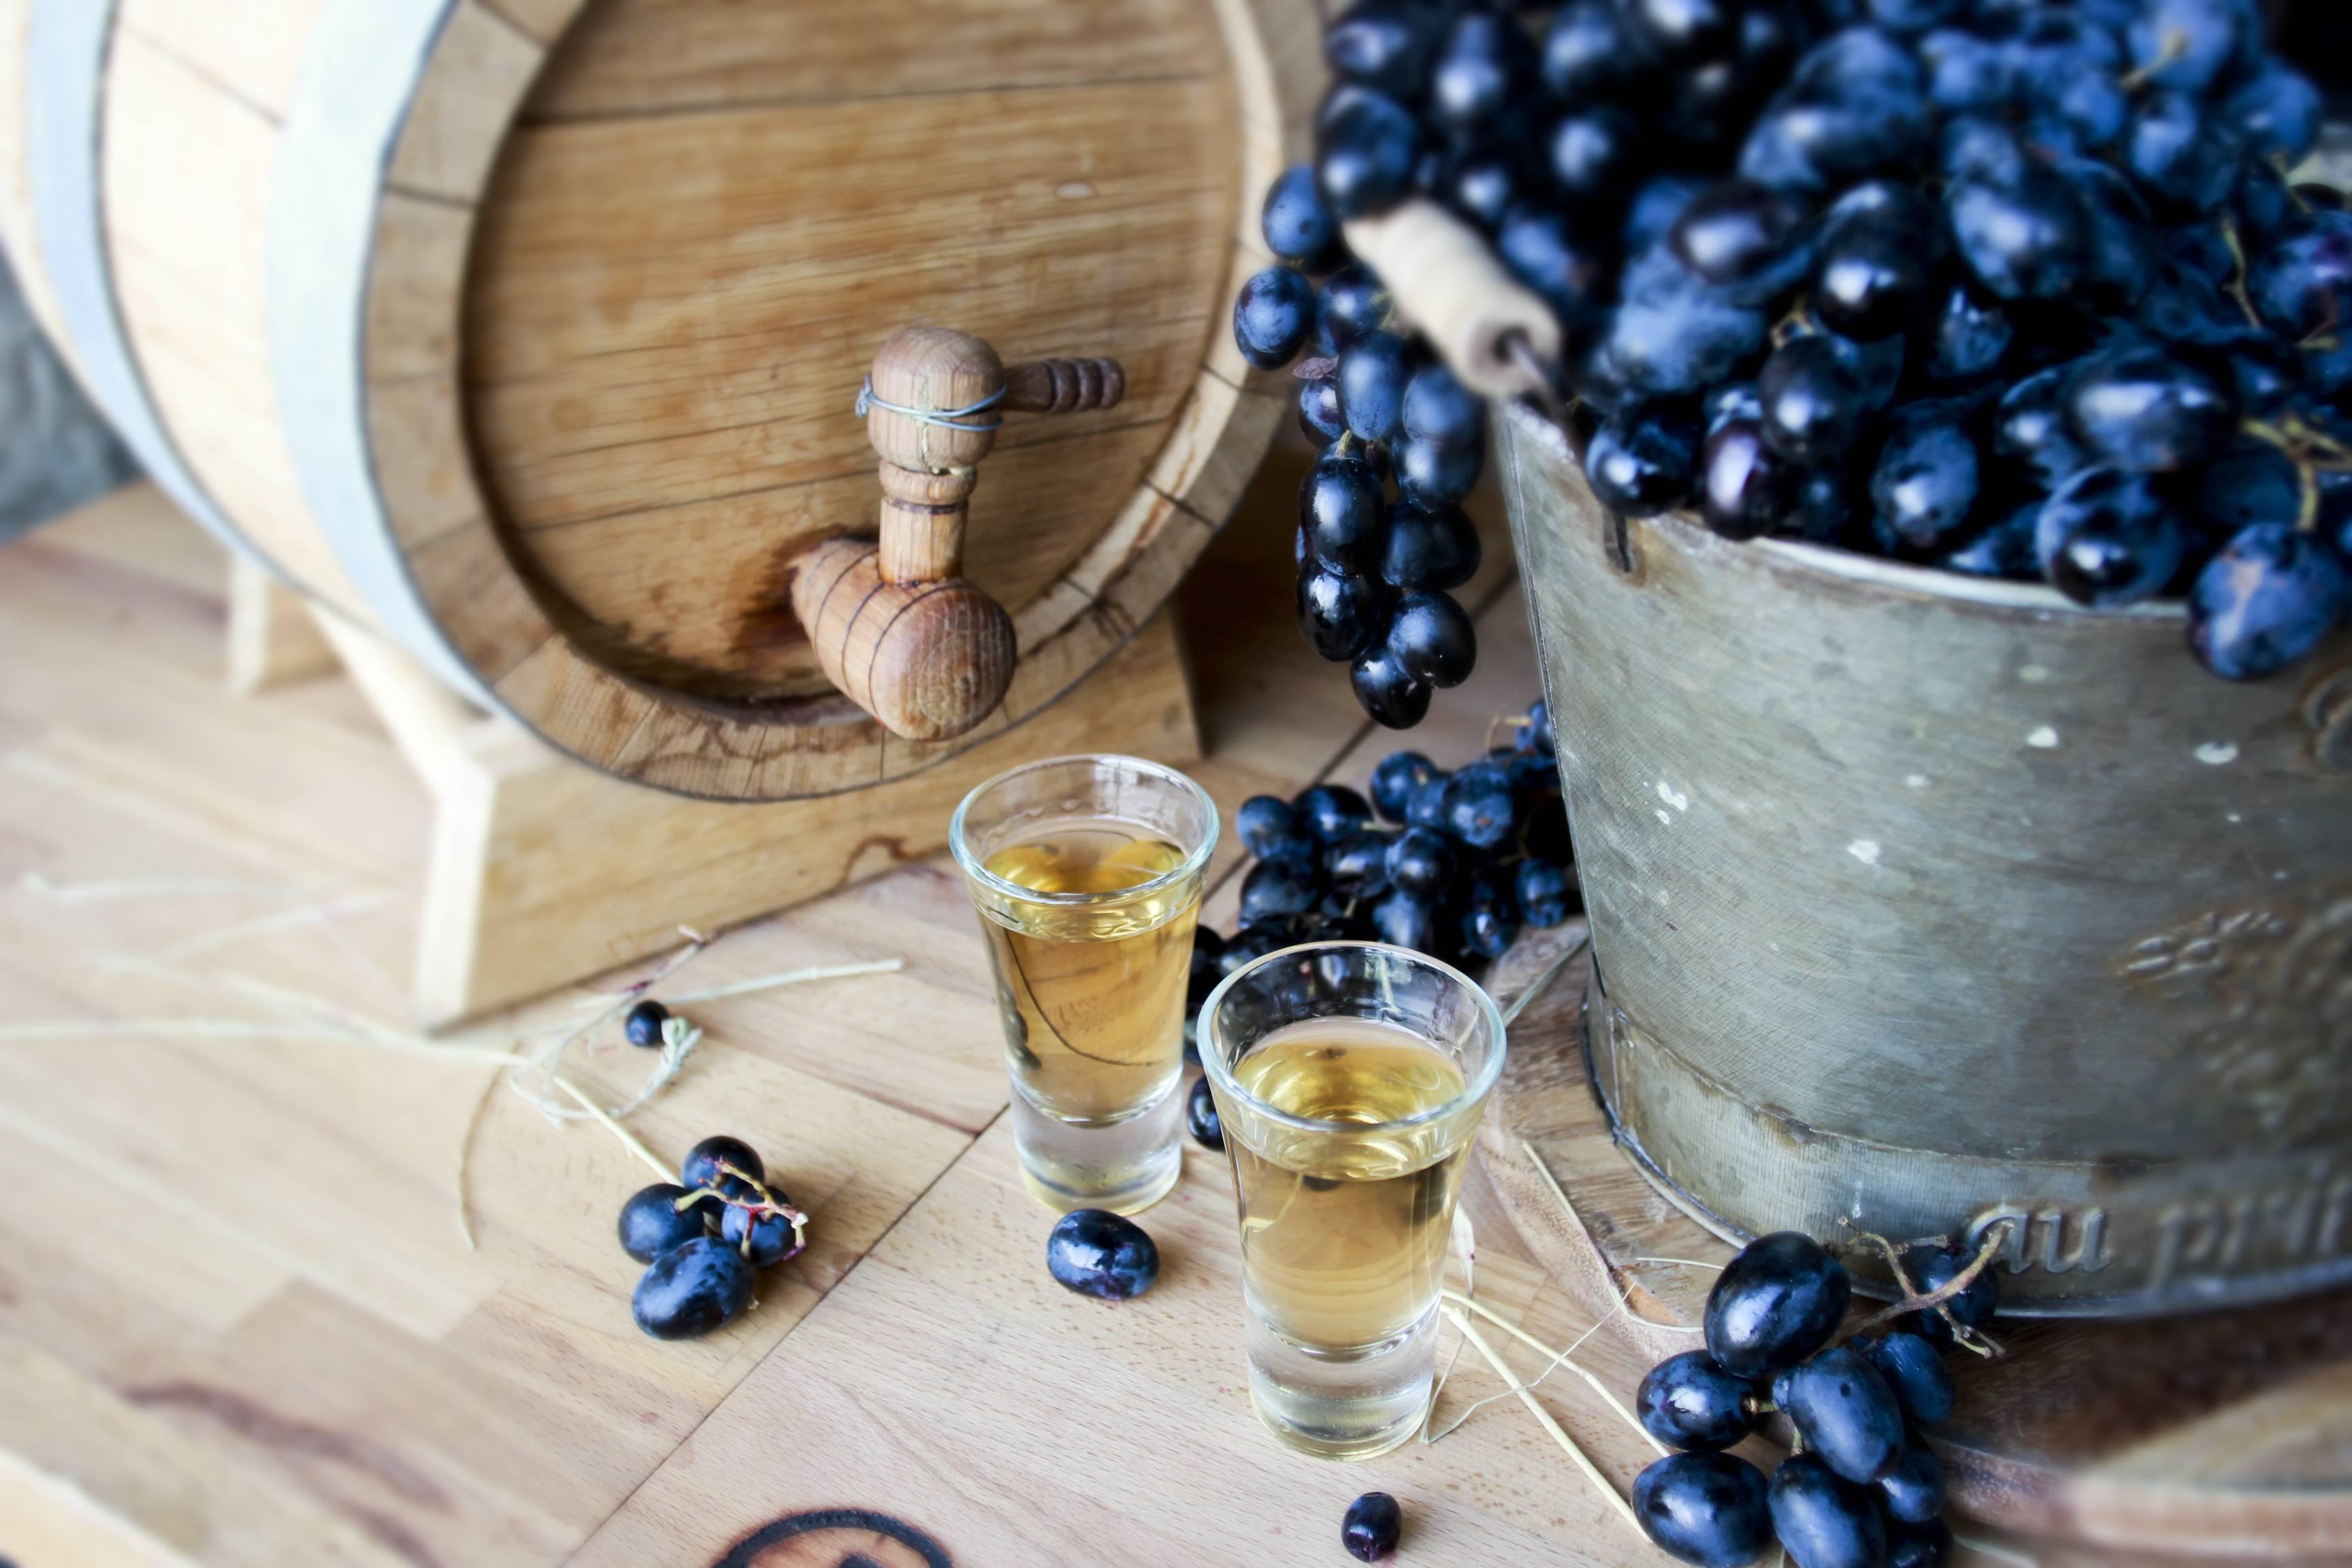 Брага из винограда для самогона: как правильно приготовить?